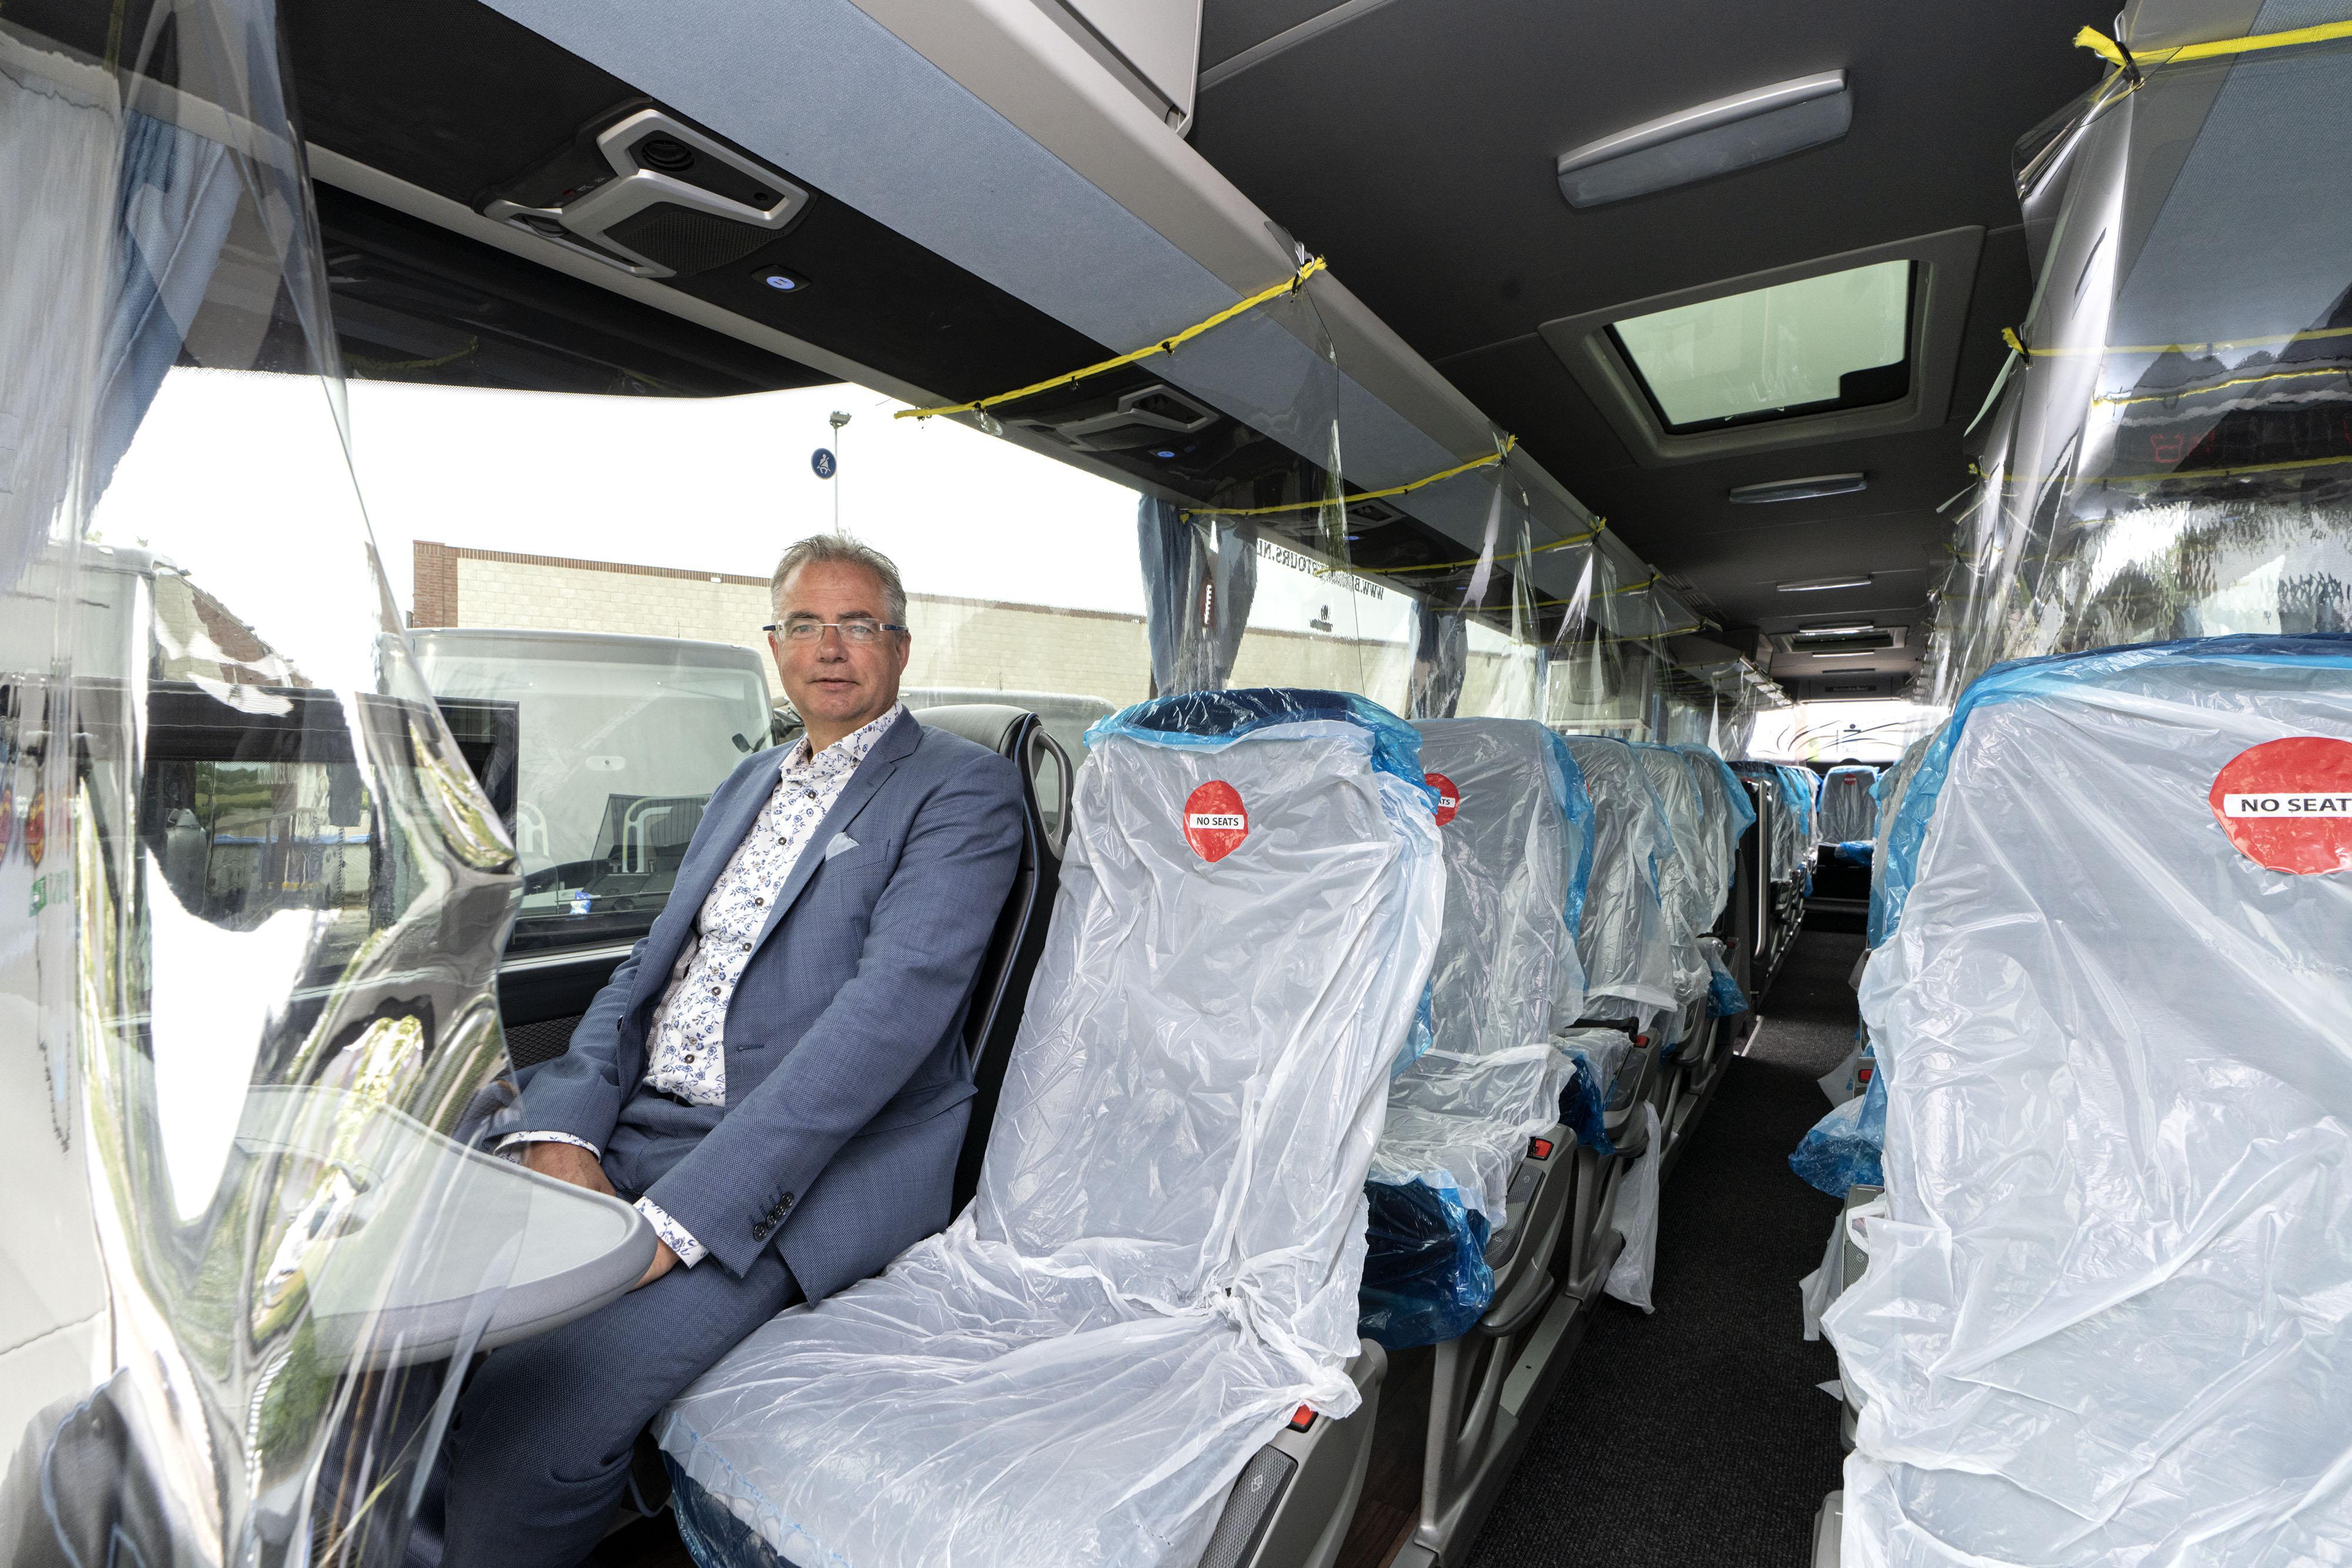 Vissers en passagiers van DFDS in IJmuiden kunnen verder reizen met aangepaste bussen van Brouwer Tours